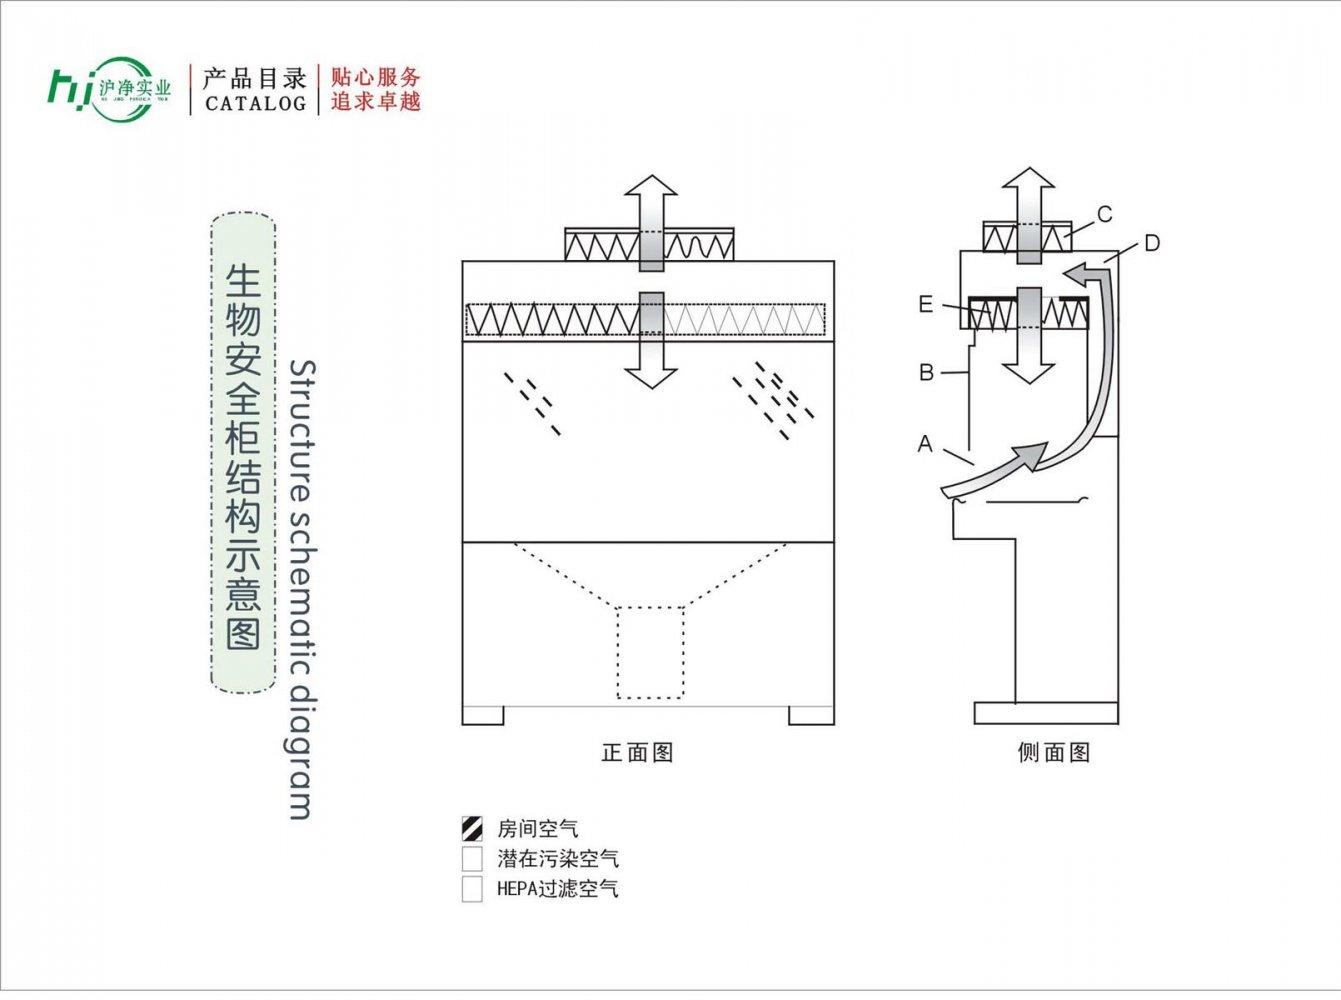 生物安全柜结构示意图